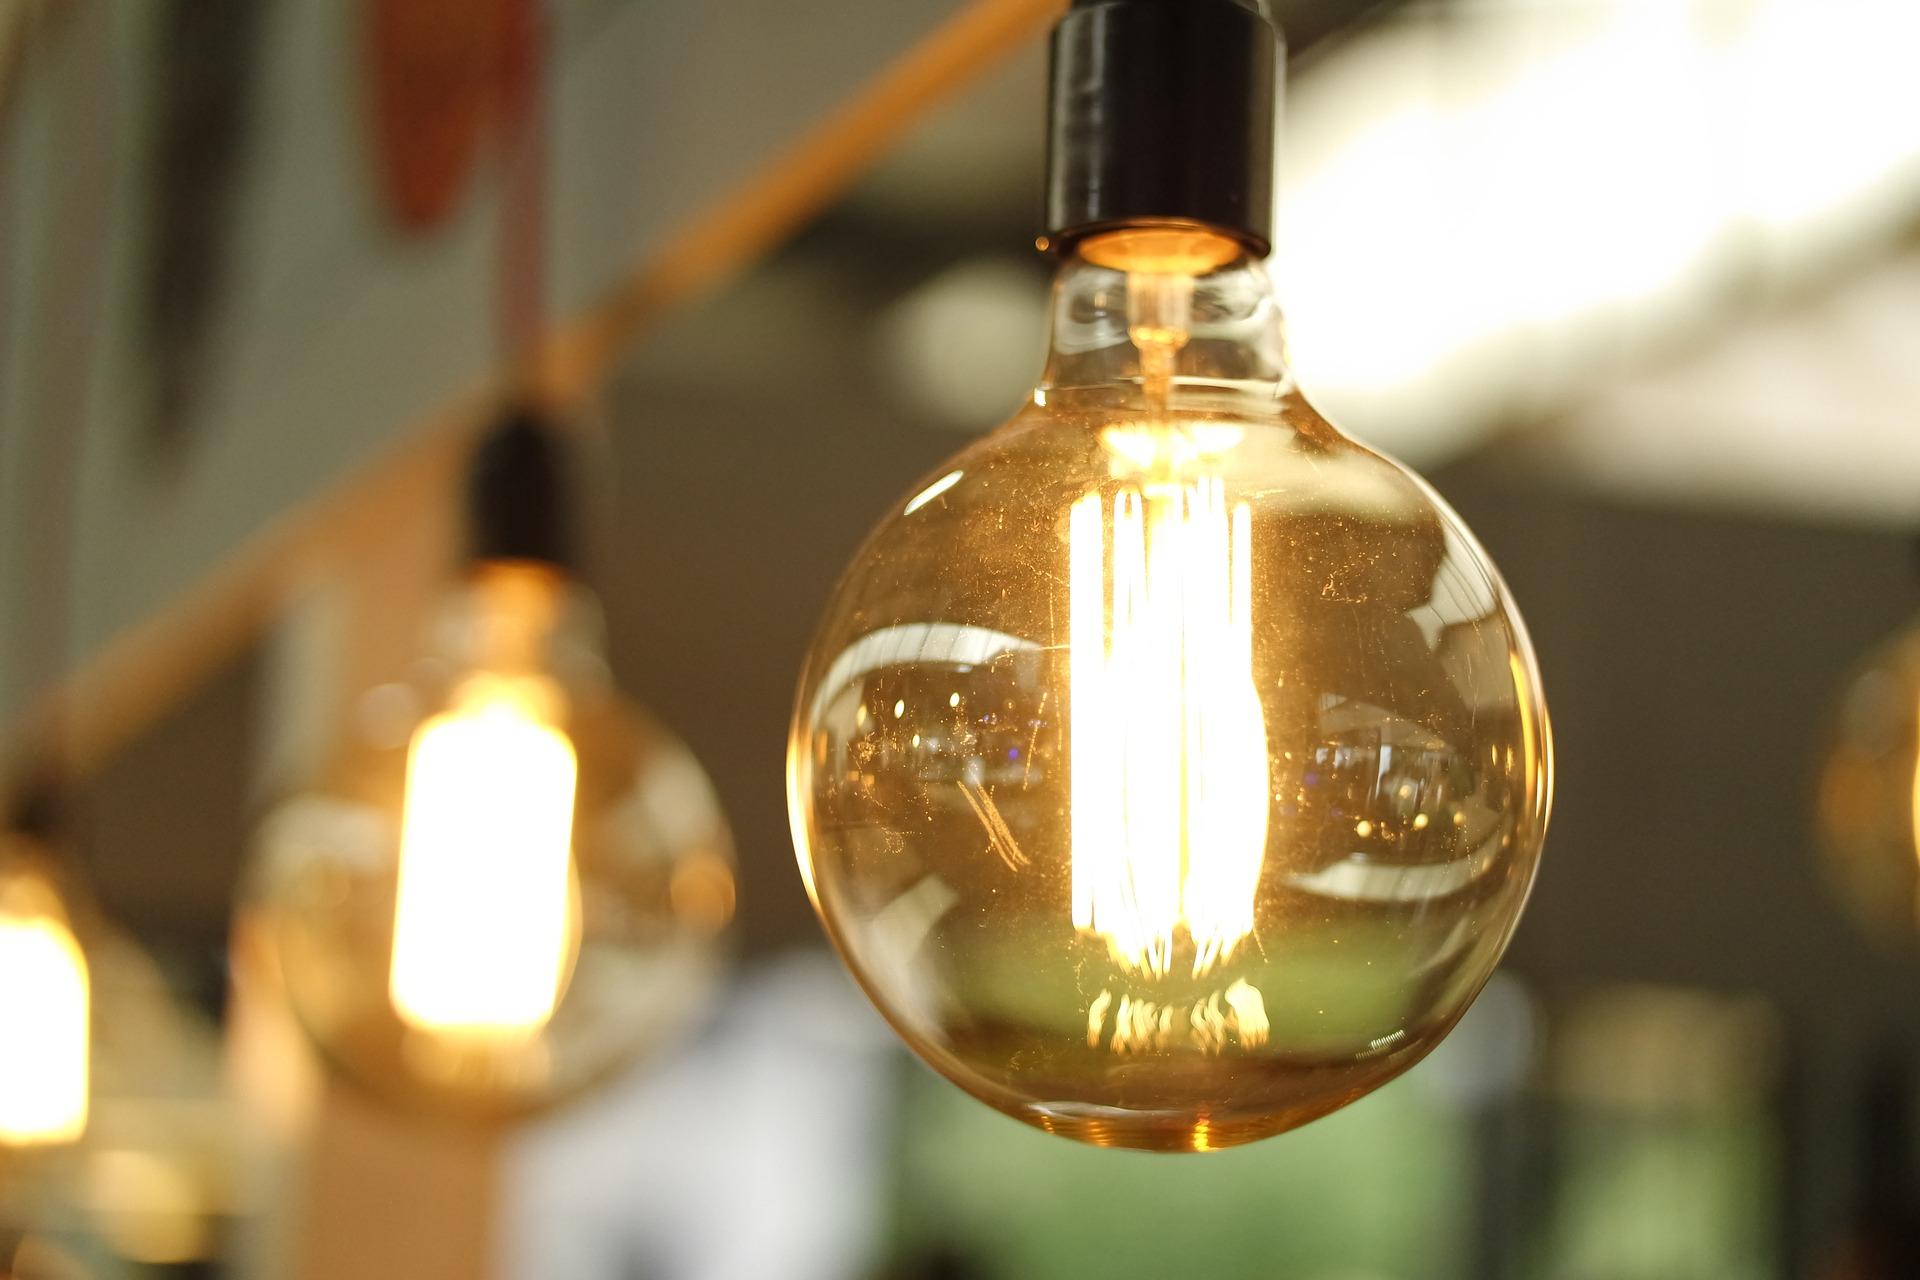 light-1283795_1920